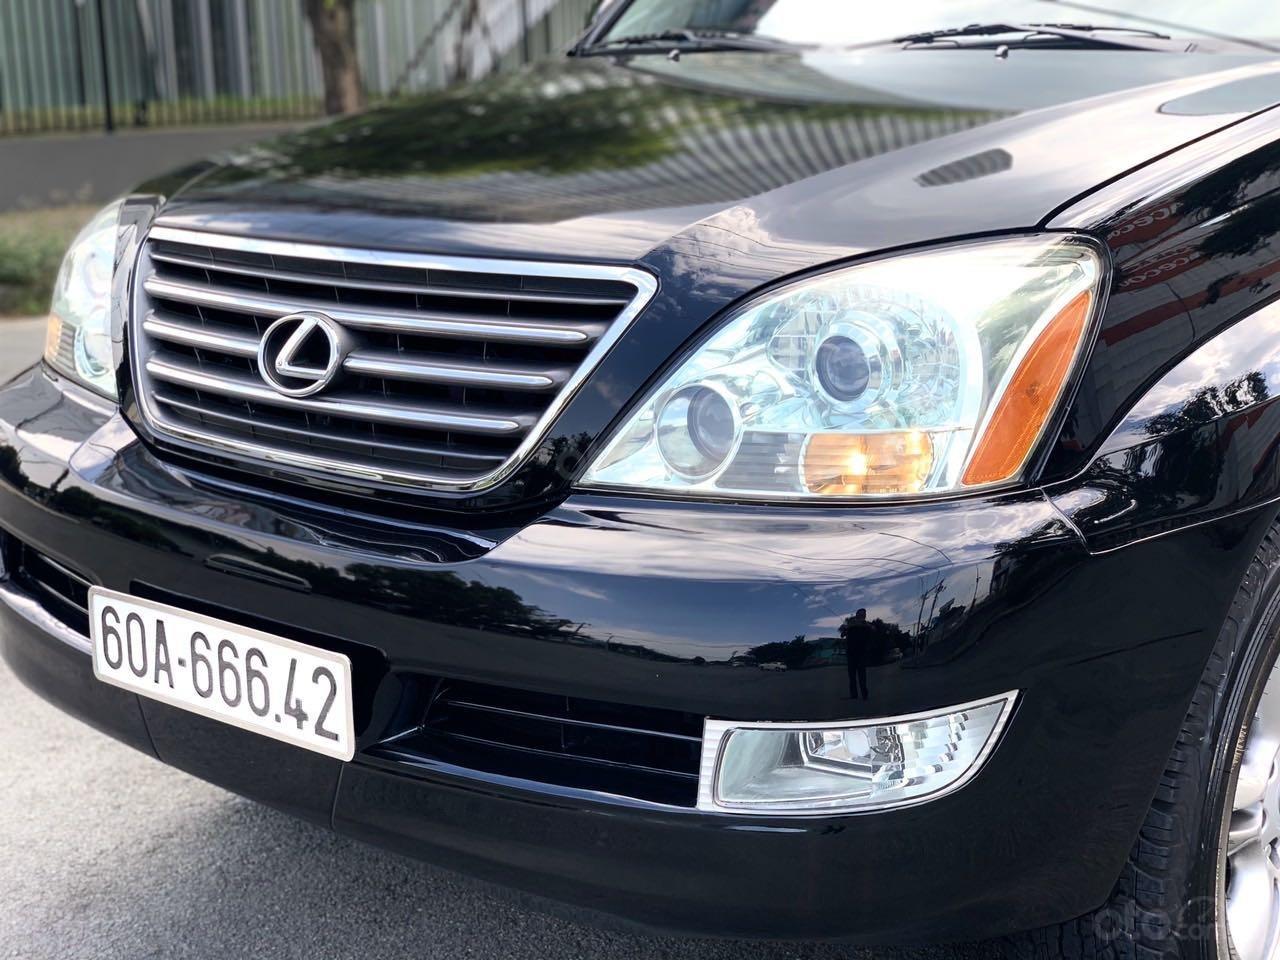 Cần bán Lexus GX 470 đúng vin 2007, xe cao cấp full option, cực chất (4)